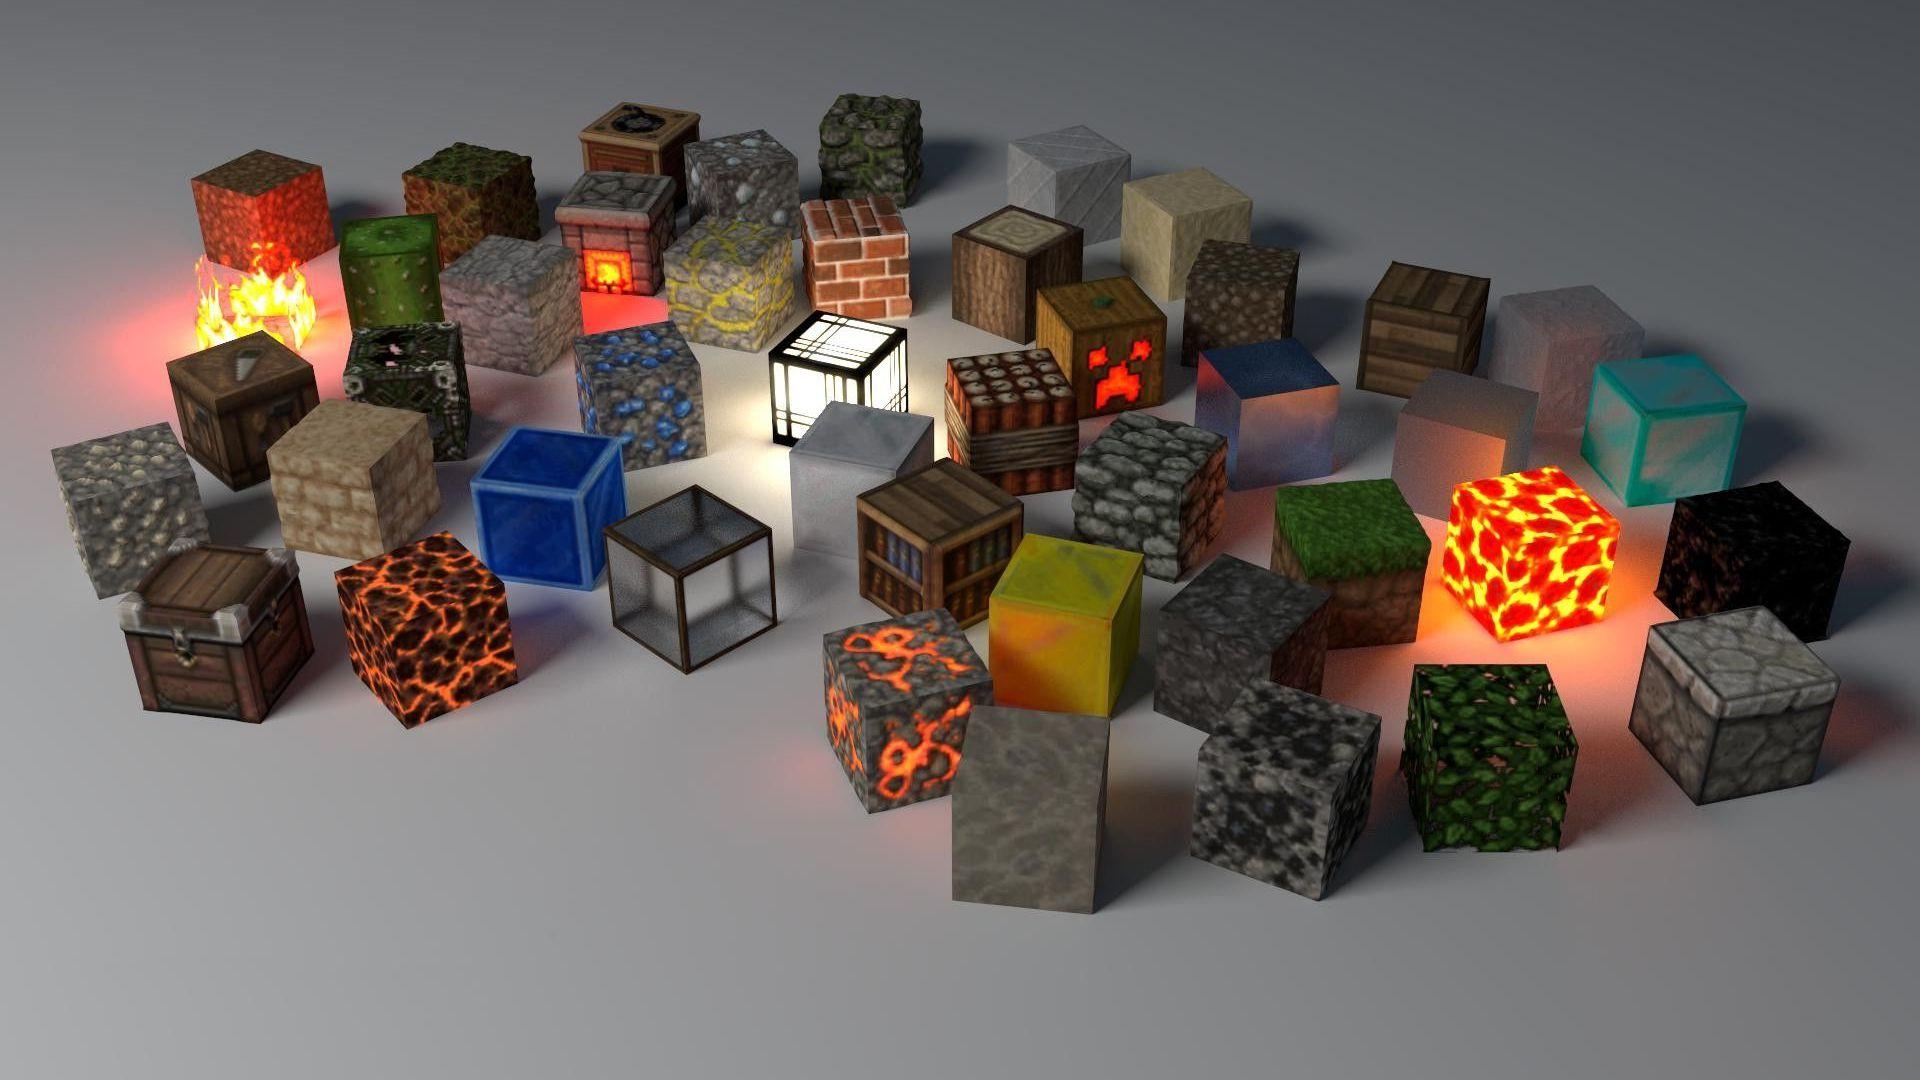 Most Inspiring Wallpaper Minecraft Computer - Minecraft-Wallpapers-For-Laptop-052  Photograph_432468.jpg